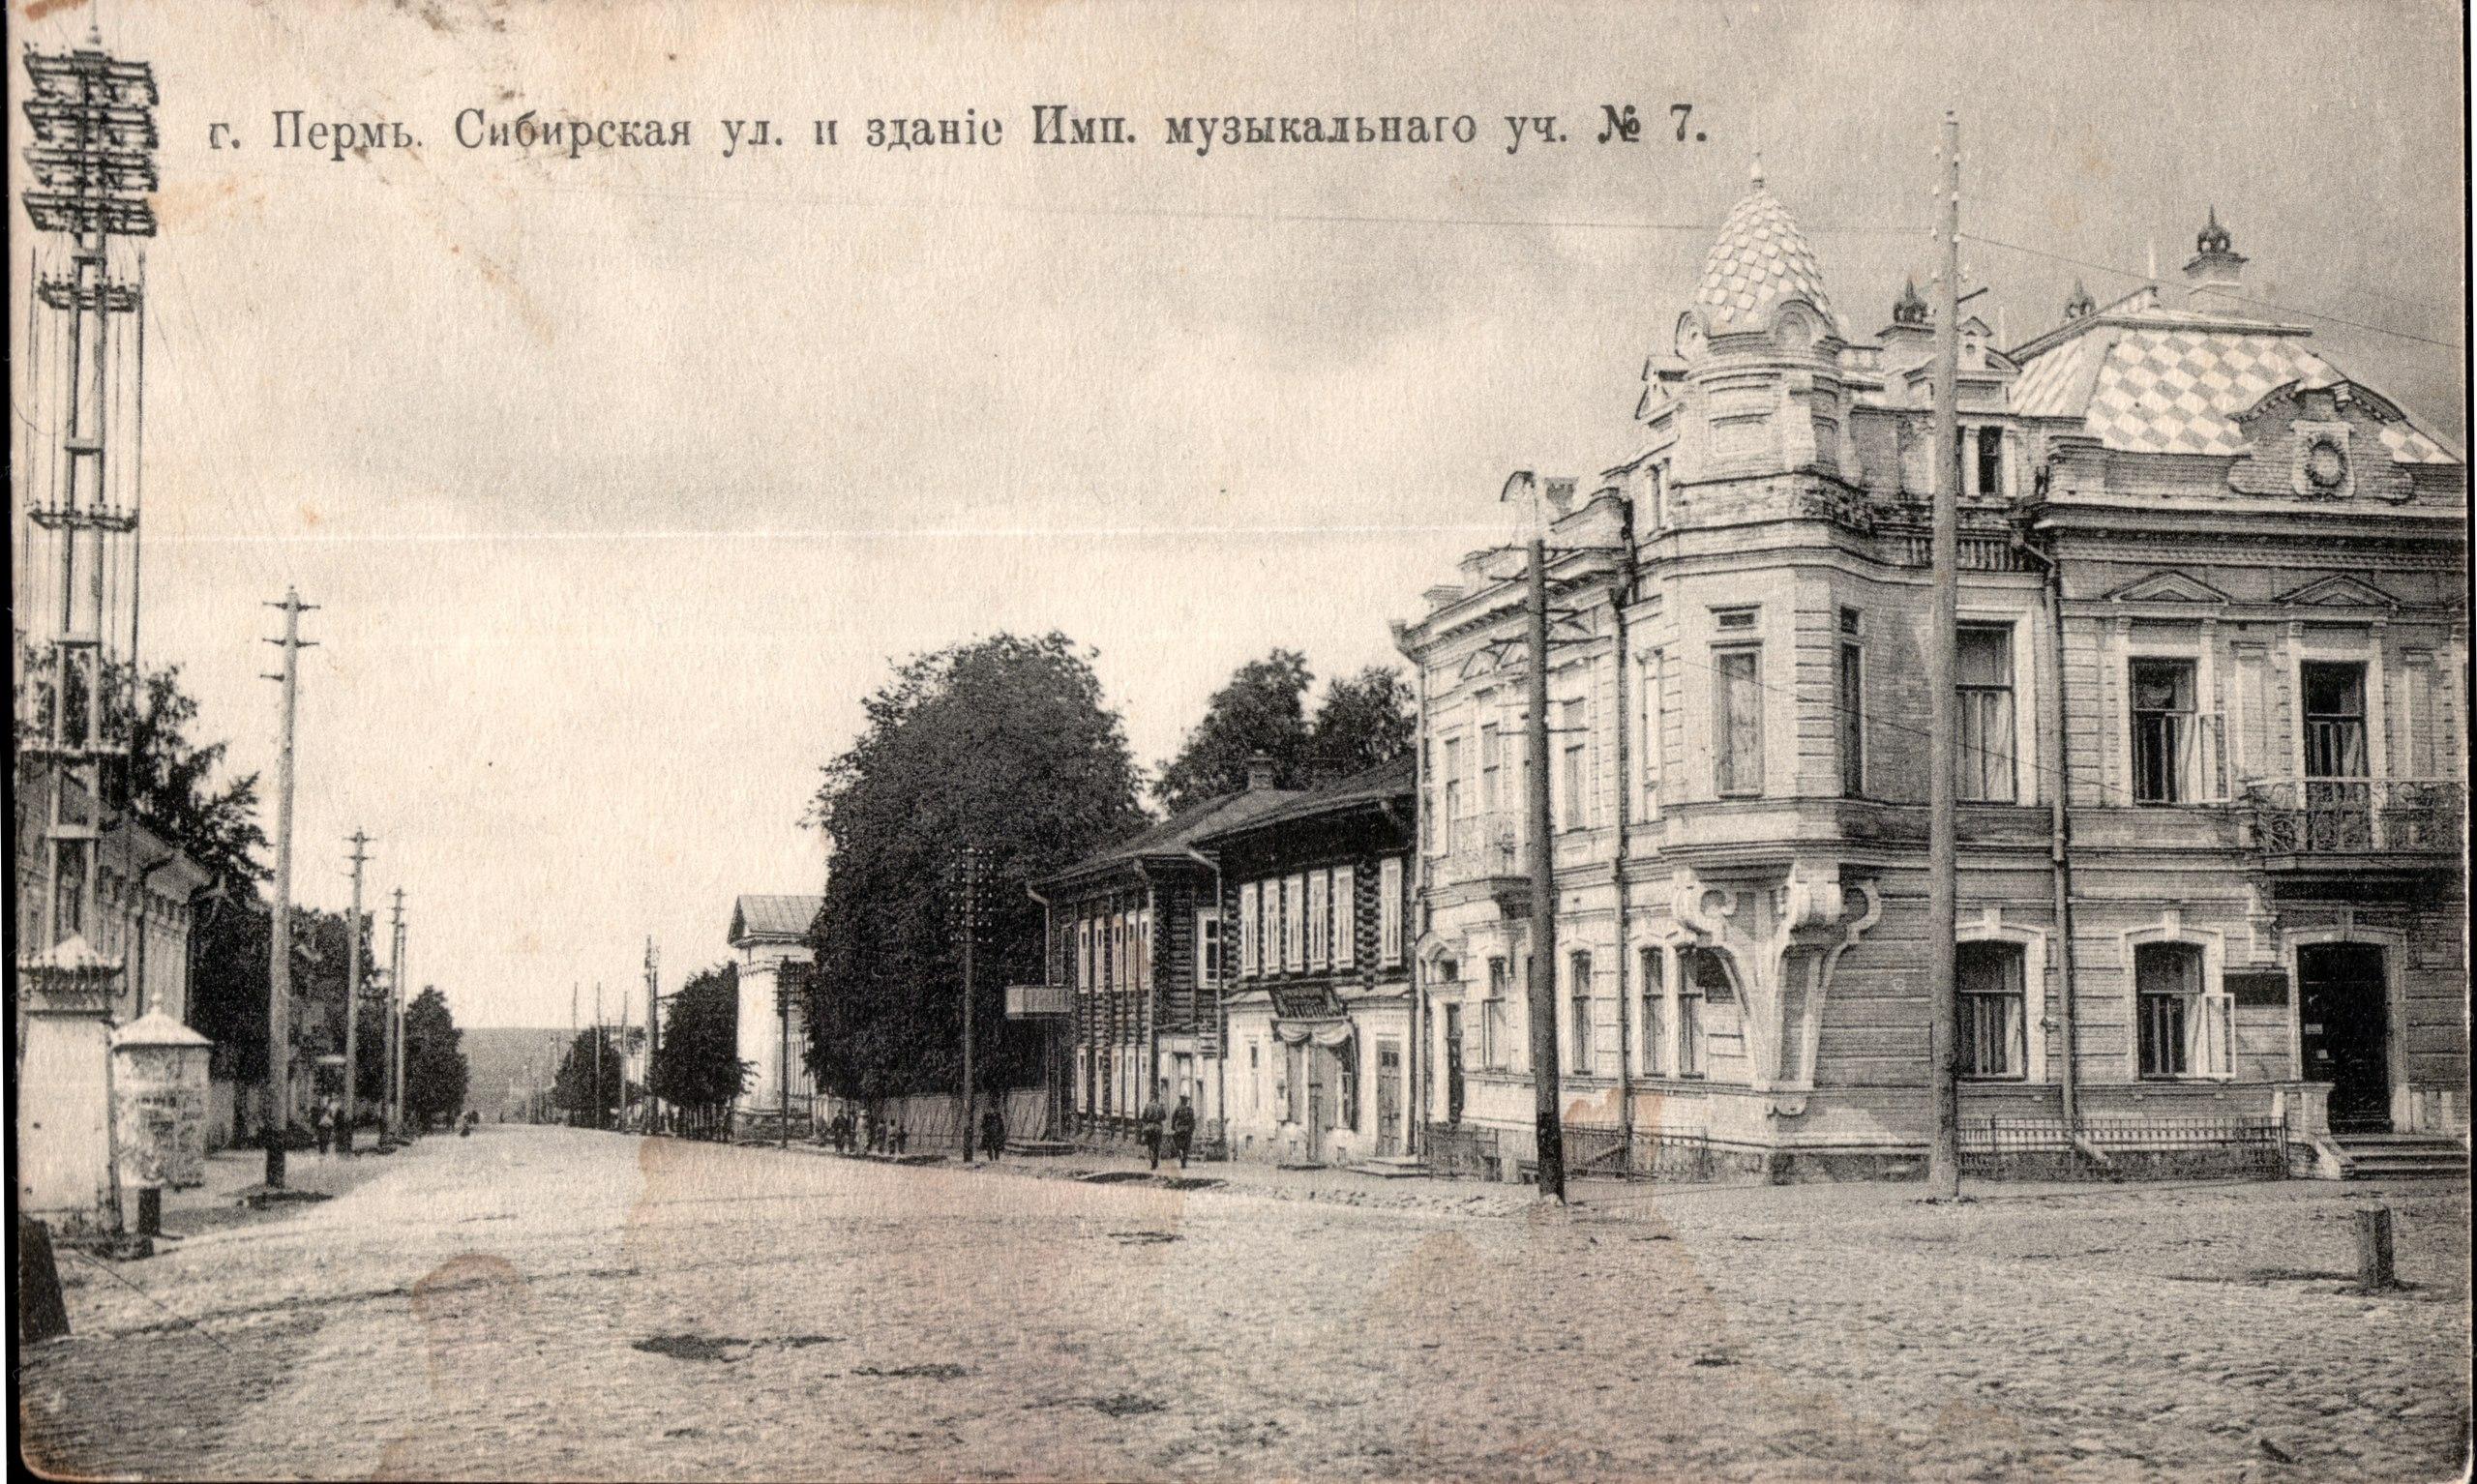 Сибирская улица и здание Императорского училища